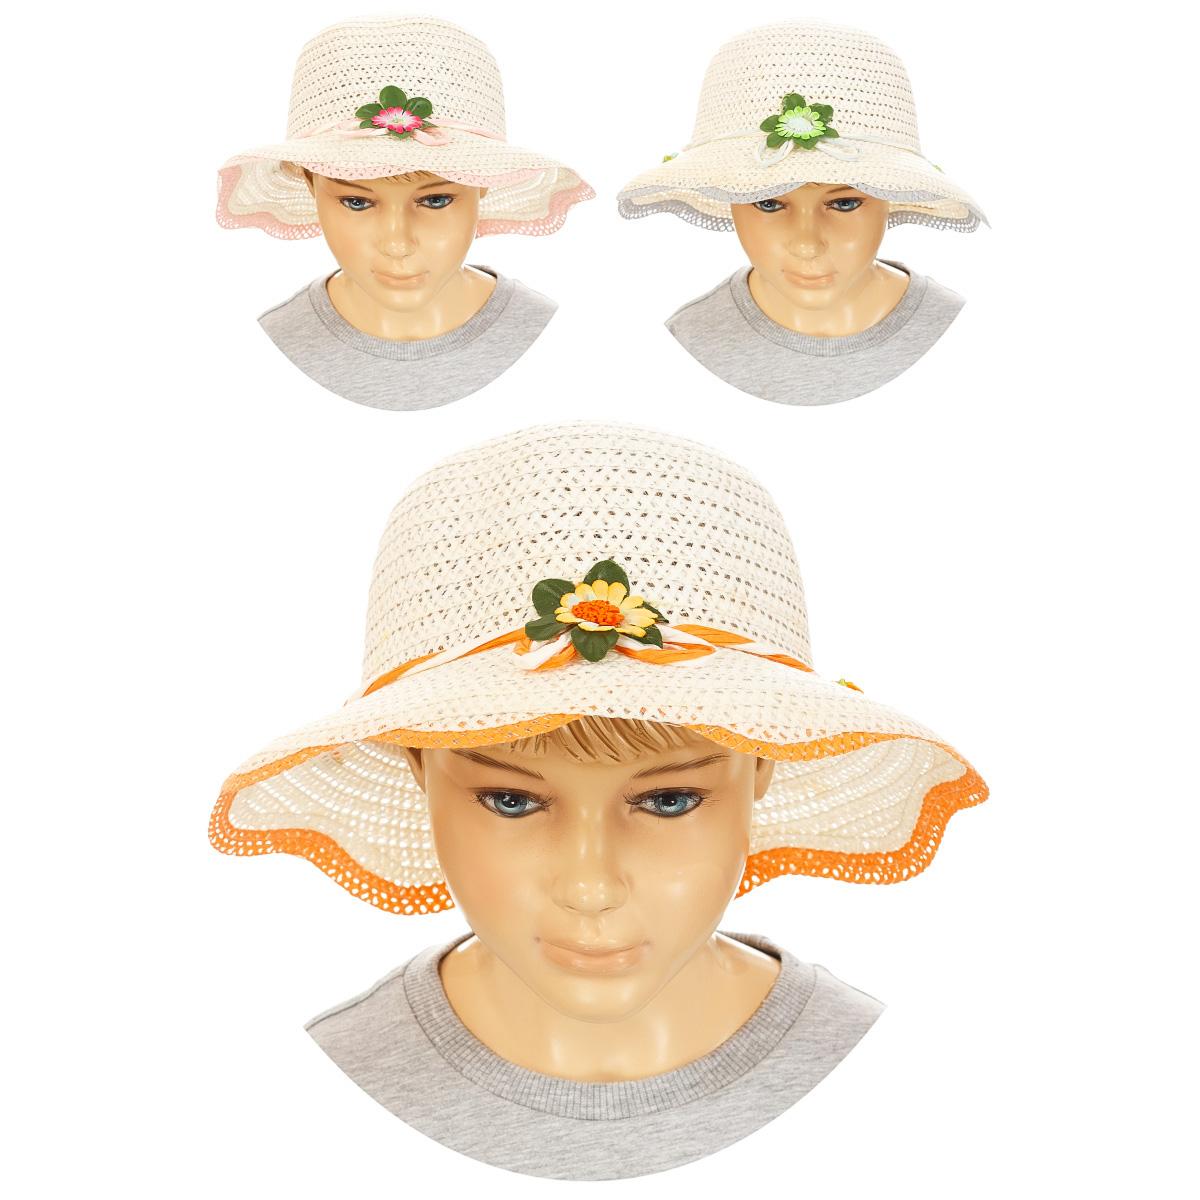 Шляпа для девочки. 83749-2283749-22Летняя шляпа для девочки Yuan Meng станет незаменимым аксессуаром для пляжа и отдыха на природе. Шляпа выполнена из 100% терилена (ПЭТ). Такая шляпка не только защитит малышку от солнца, но и станет стильным дополнением ее гардероба и позволит ей всегда оставаться в центре внимания. Модель украшена соломенной лентой вокруг тульи и дополнена небольшими искусственными цветками. Плетение шляпы обеспечивает необходимую вентиляцию и комфорт даже в самый знойный день. Шляпа легко восстанавливает свою форму после сжатия. Эта милая легкая шляпка надежно защитит глаза вашей дочурки от солнца и позволит ей чувствовать себя комфортно в жаркую летнюю погоду. Уважаемые клиенты! Размер, доступный для заказа, является обхватом головы.